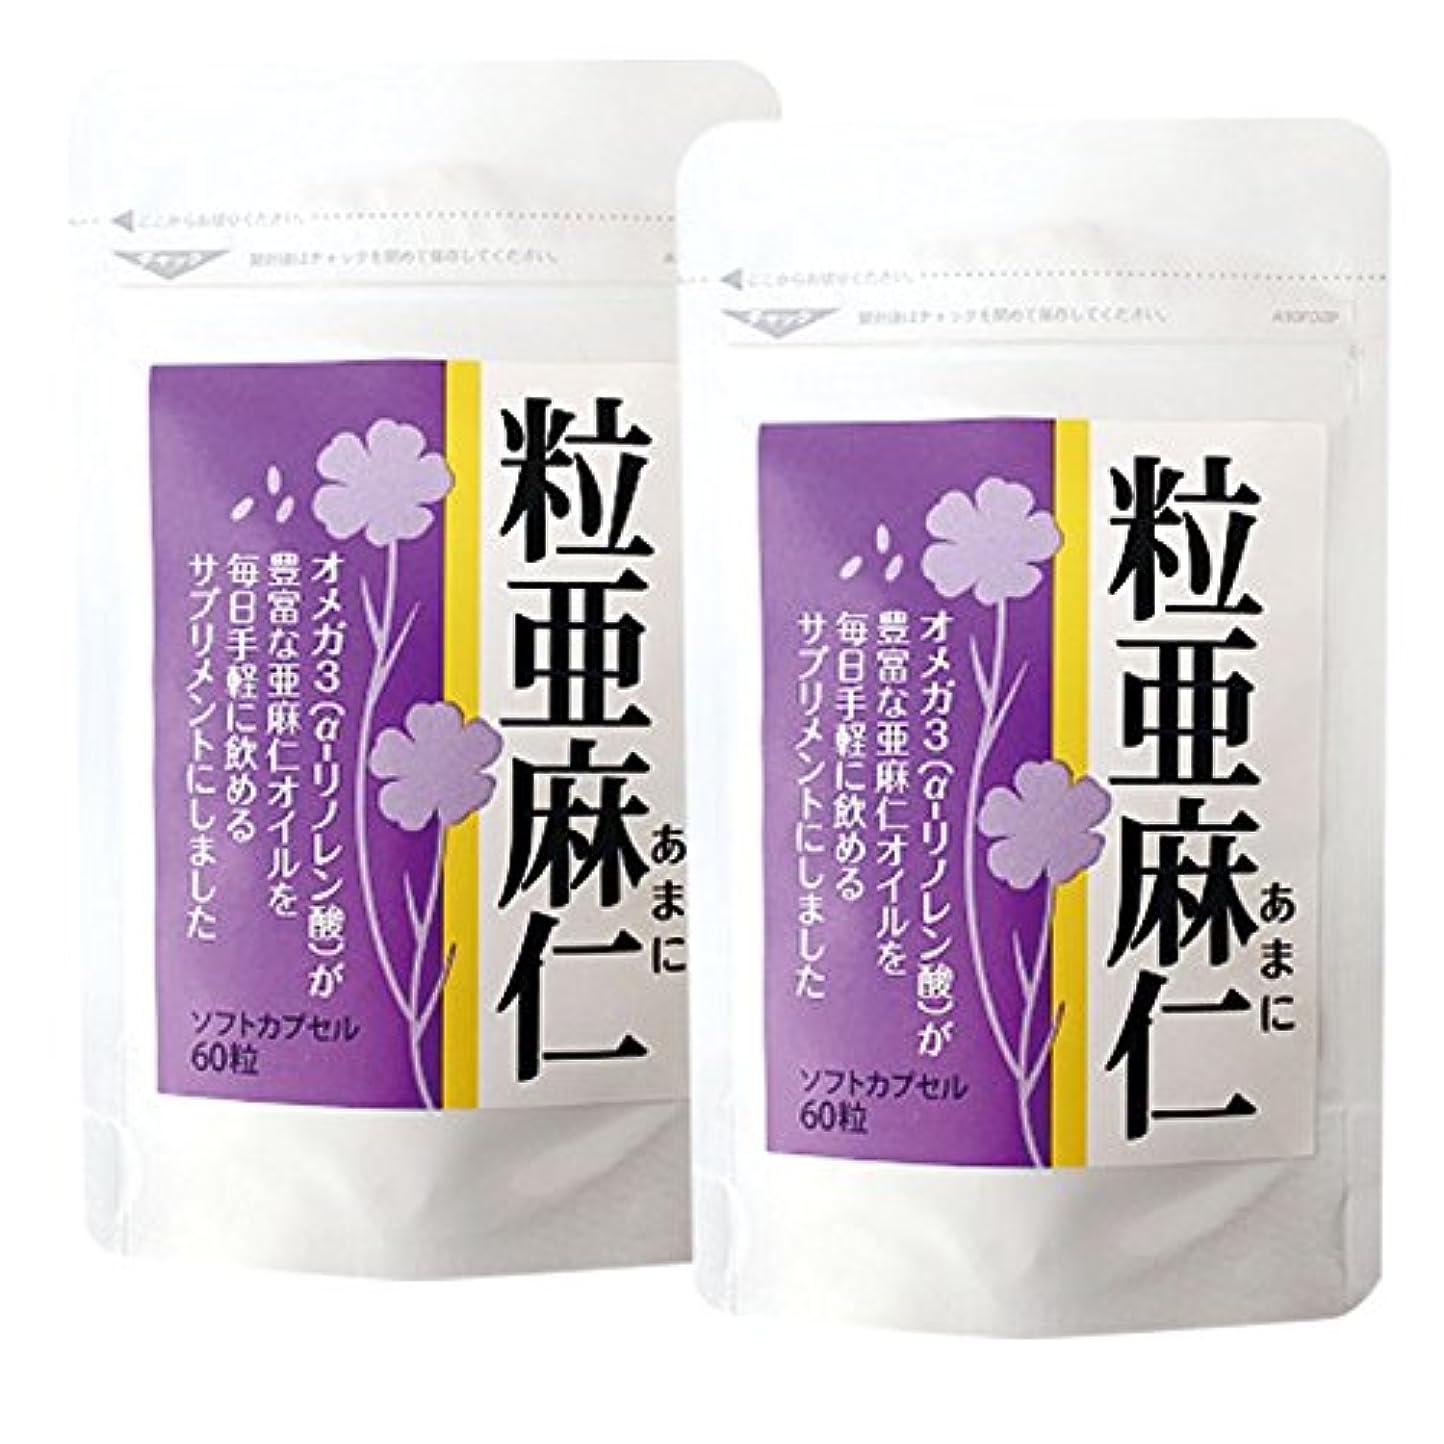 サドル等々ポケット粒亜麻仁(60粒)×2袋セット